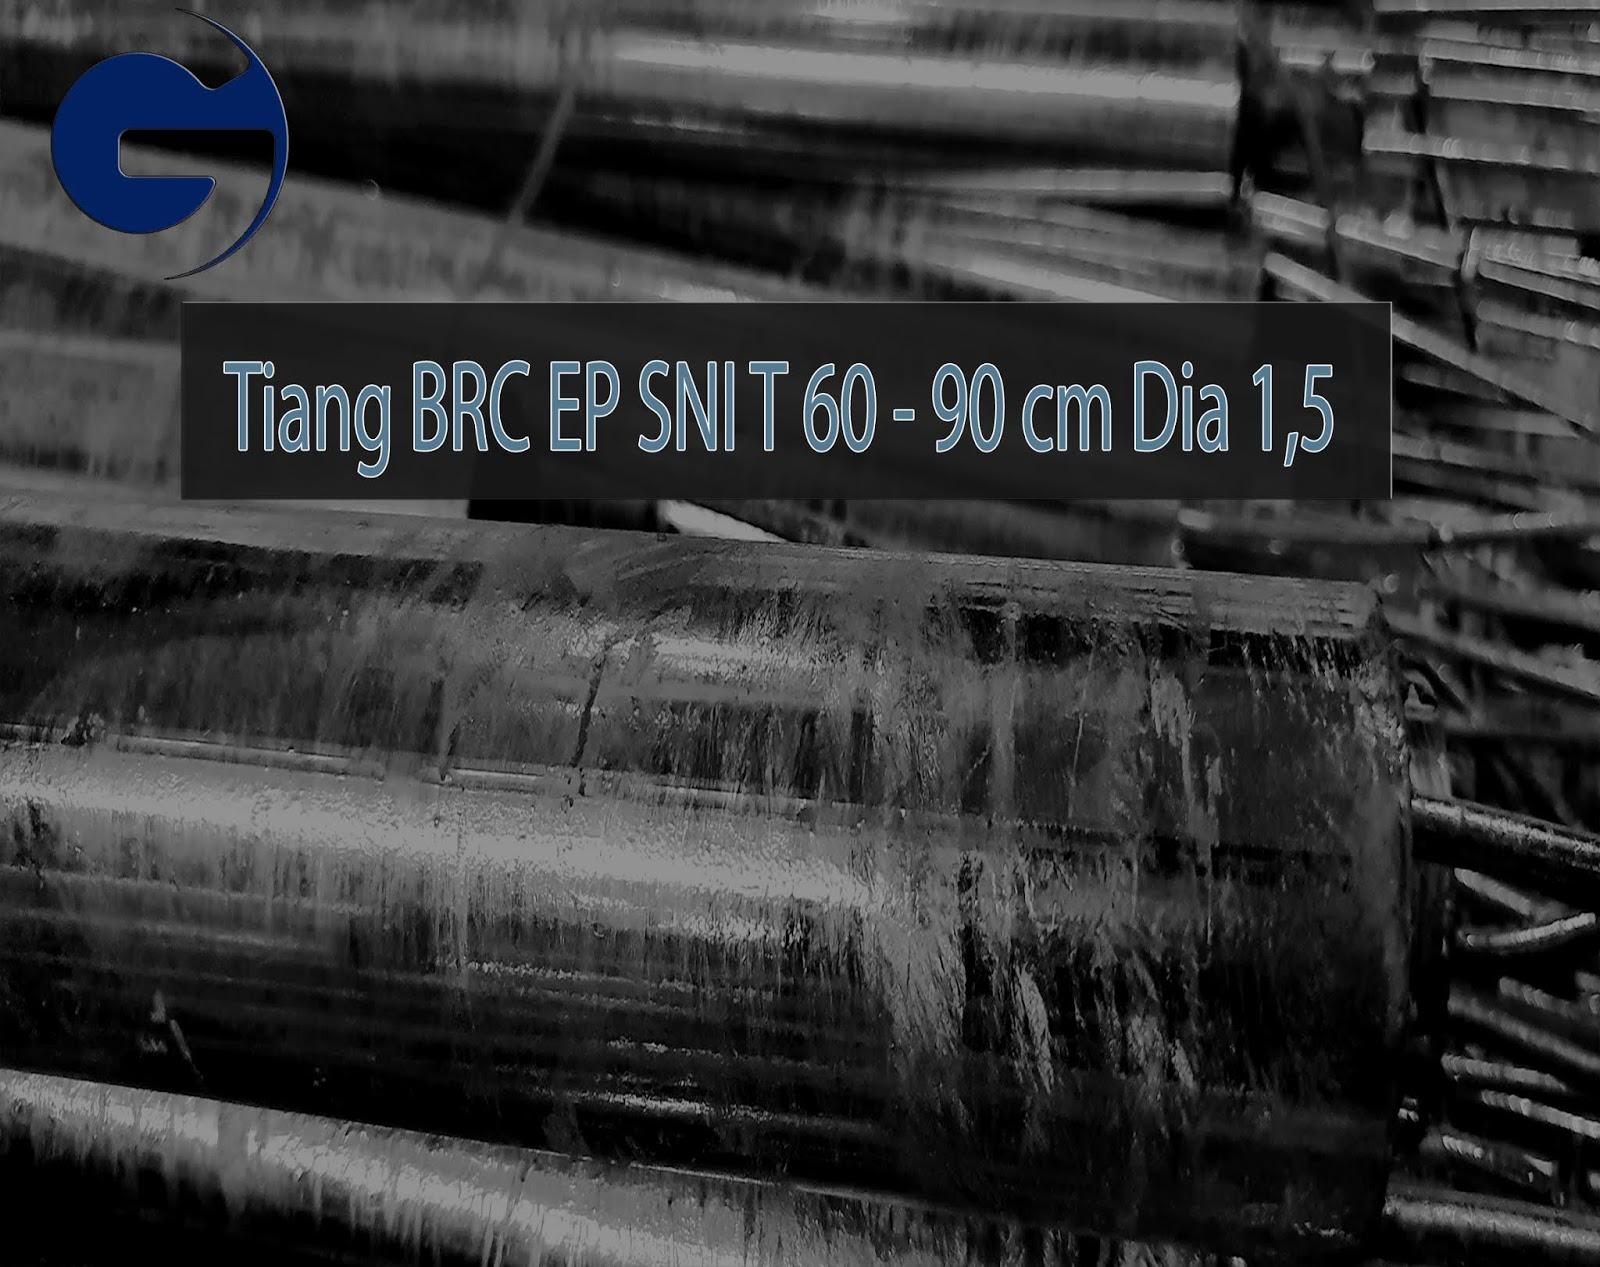 Jual Tiang BRC EP SNI T 90 CM 1,5 Inch